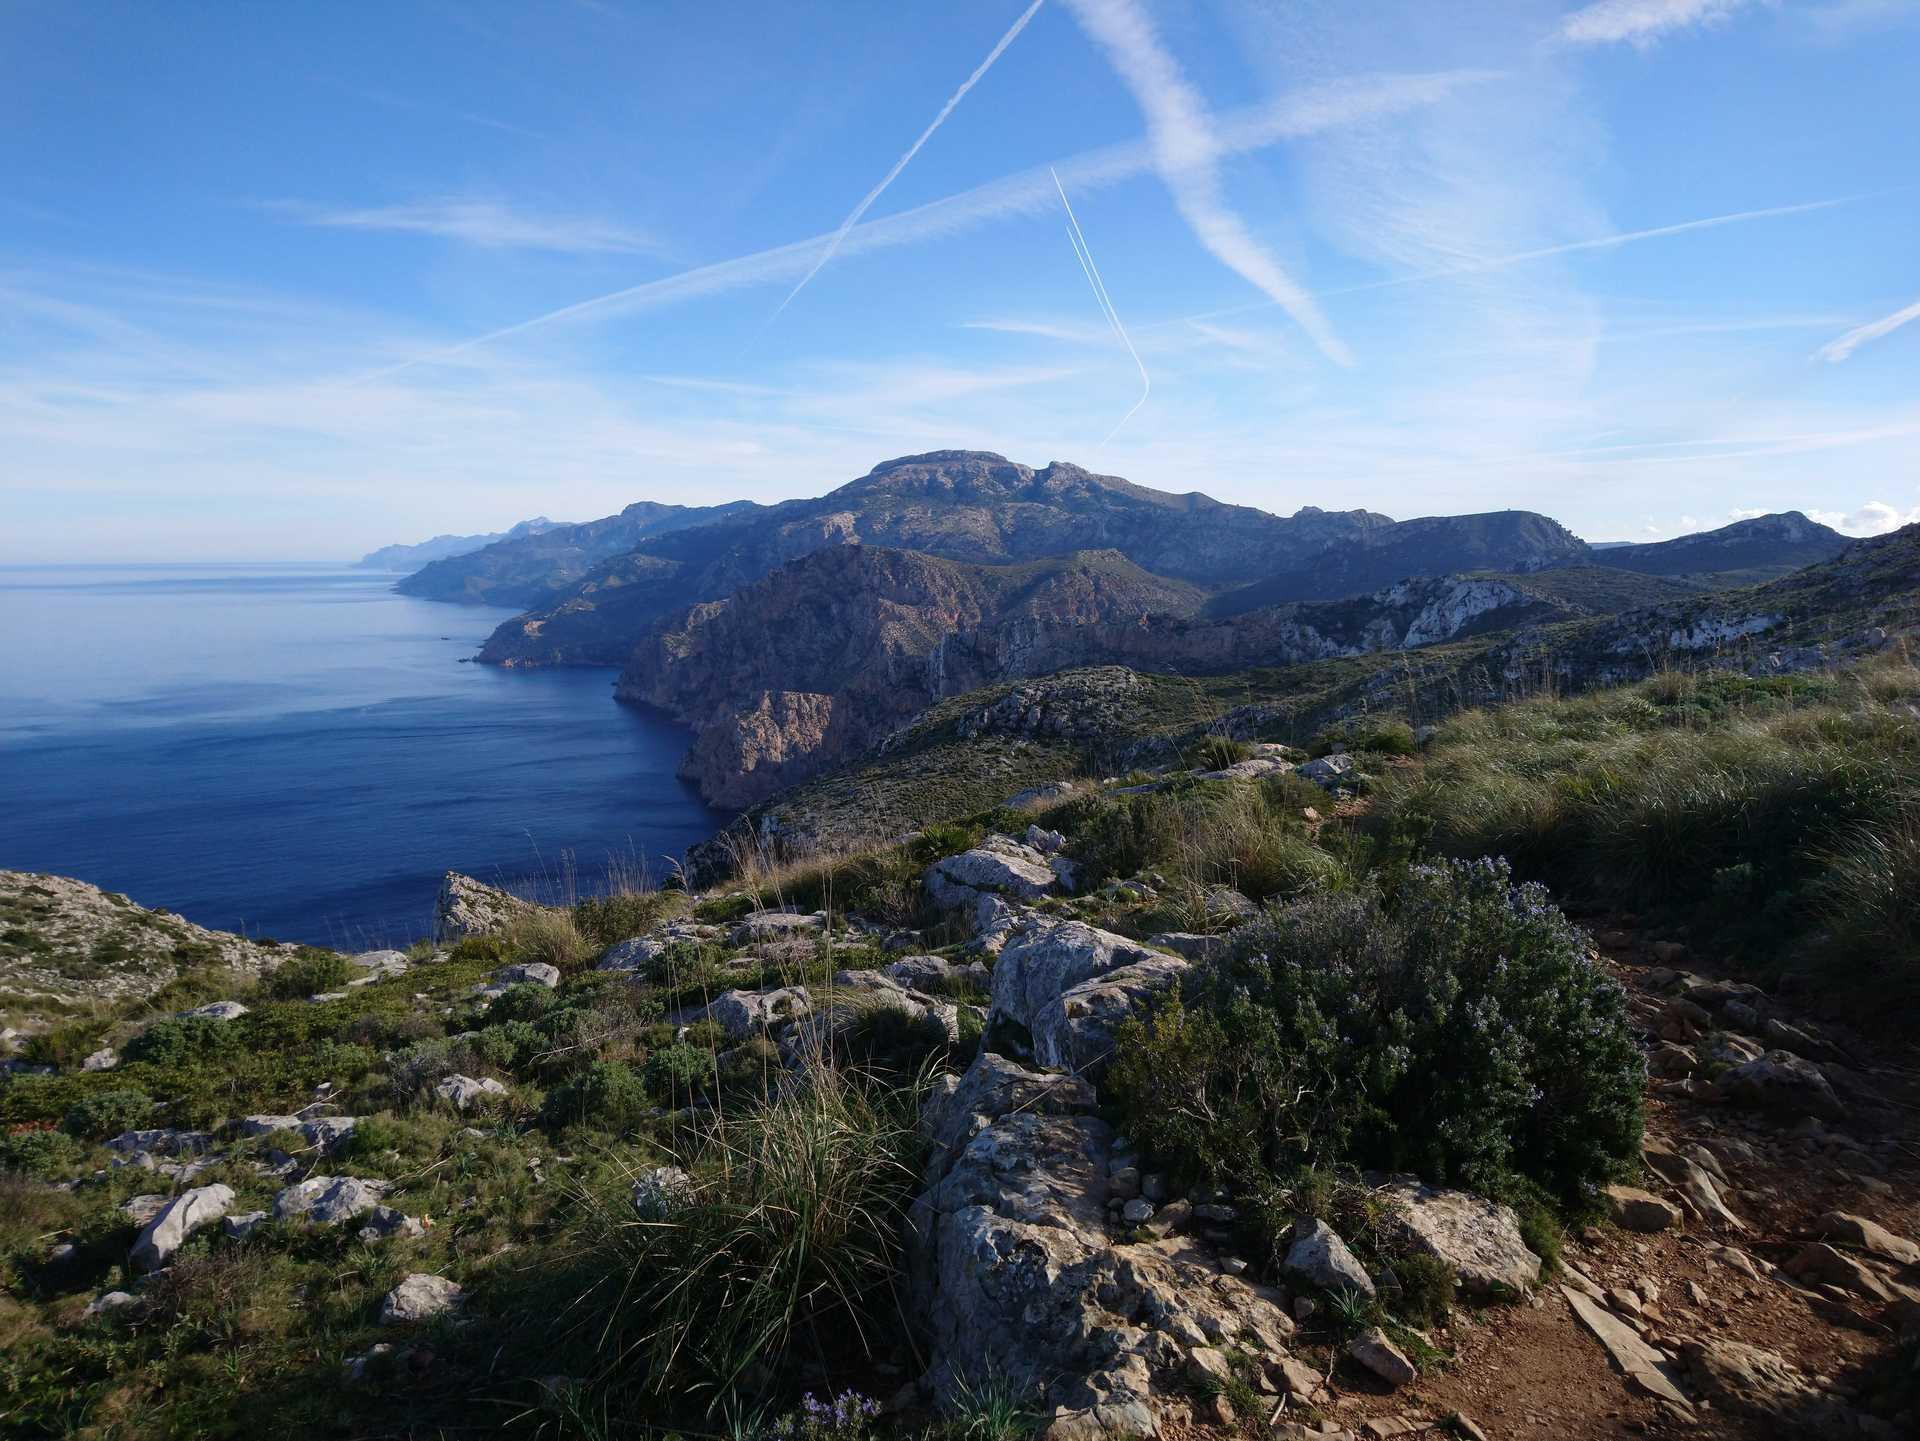 Vue sur la Tramuntana et la mer sous un ciel bleu